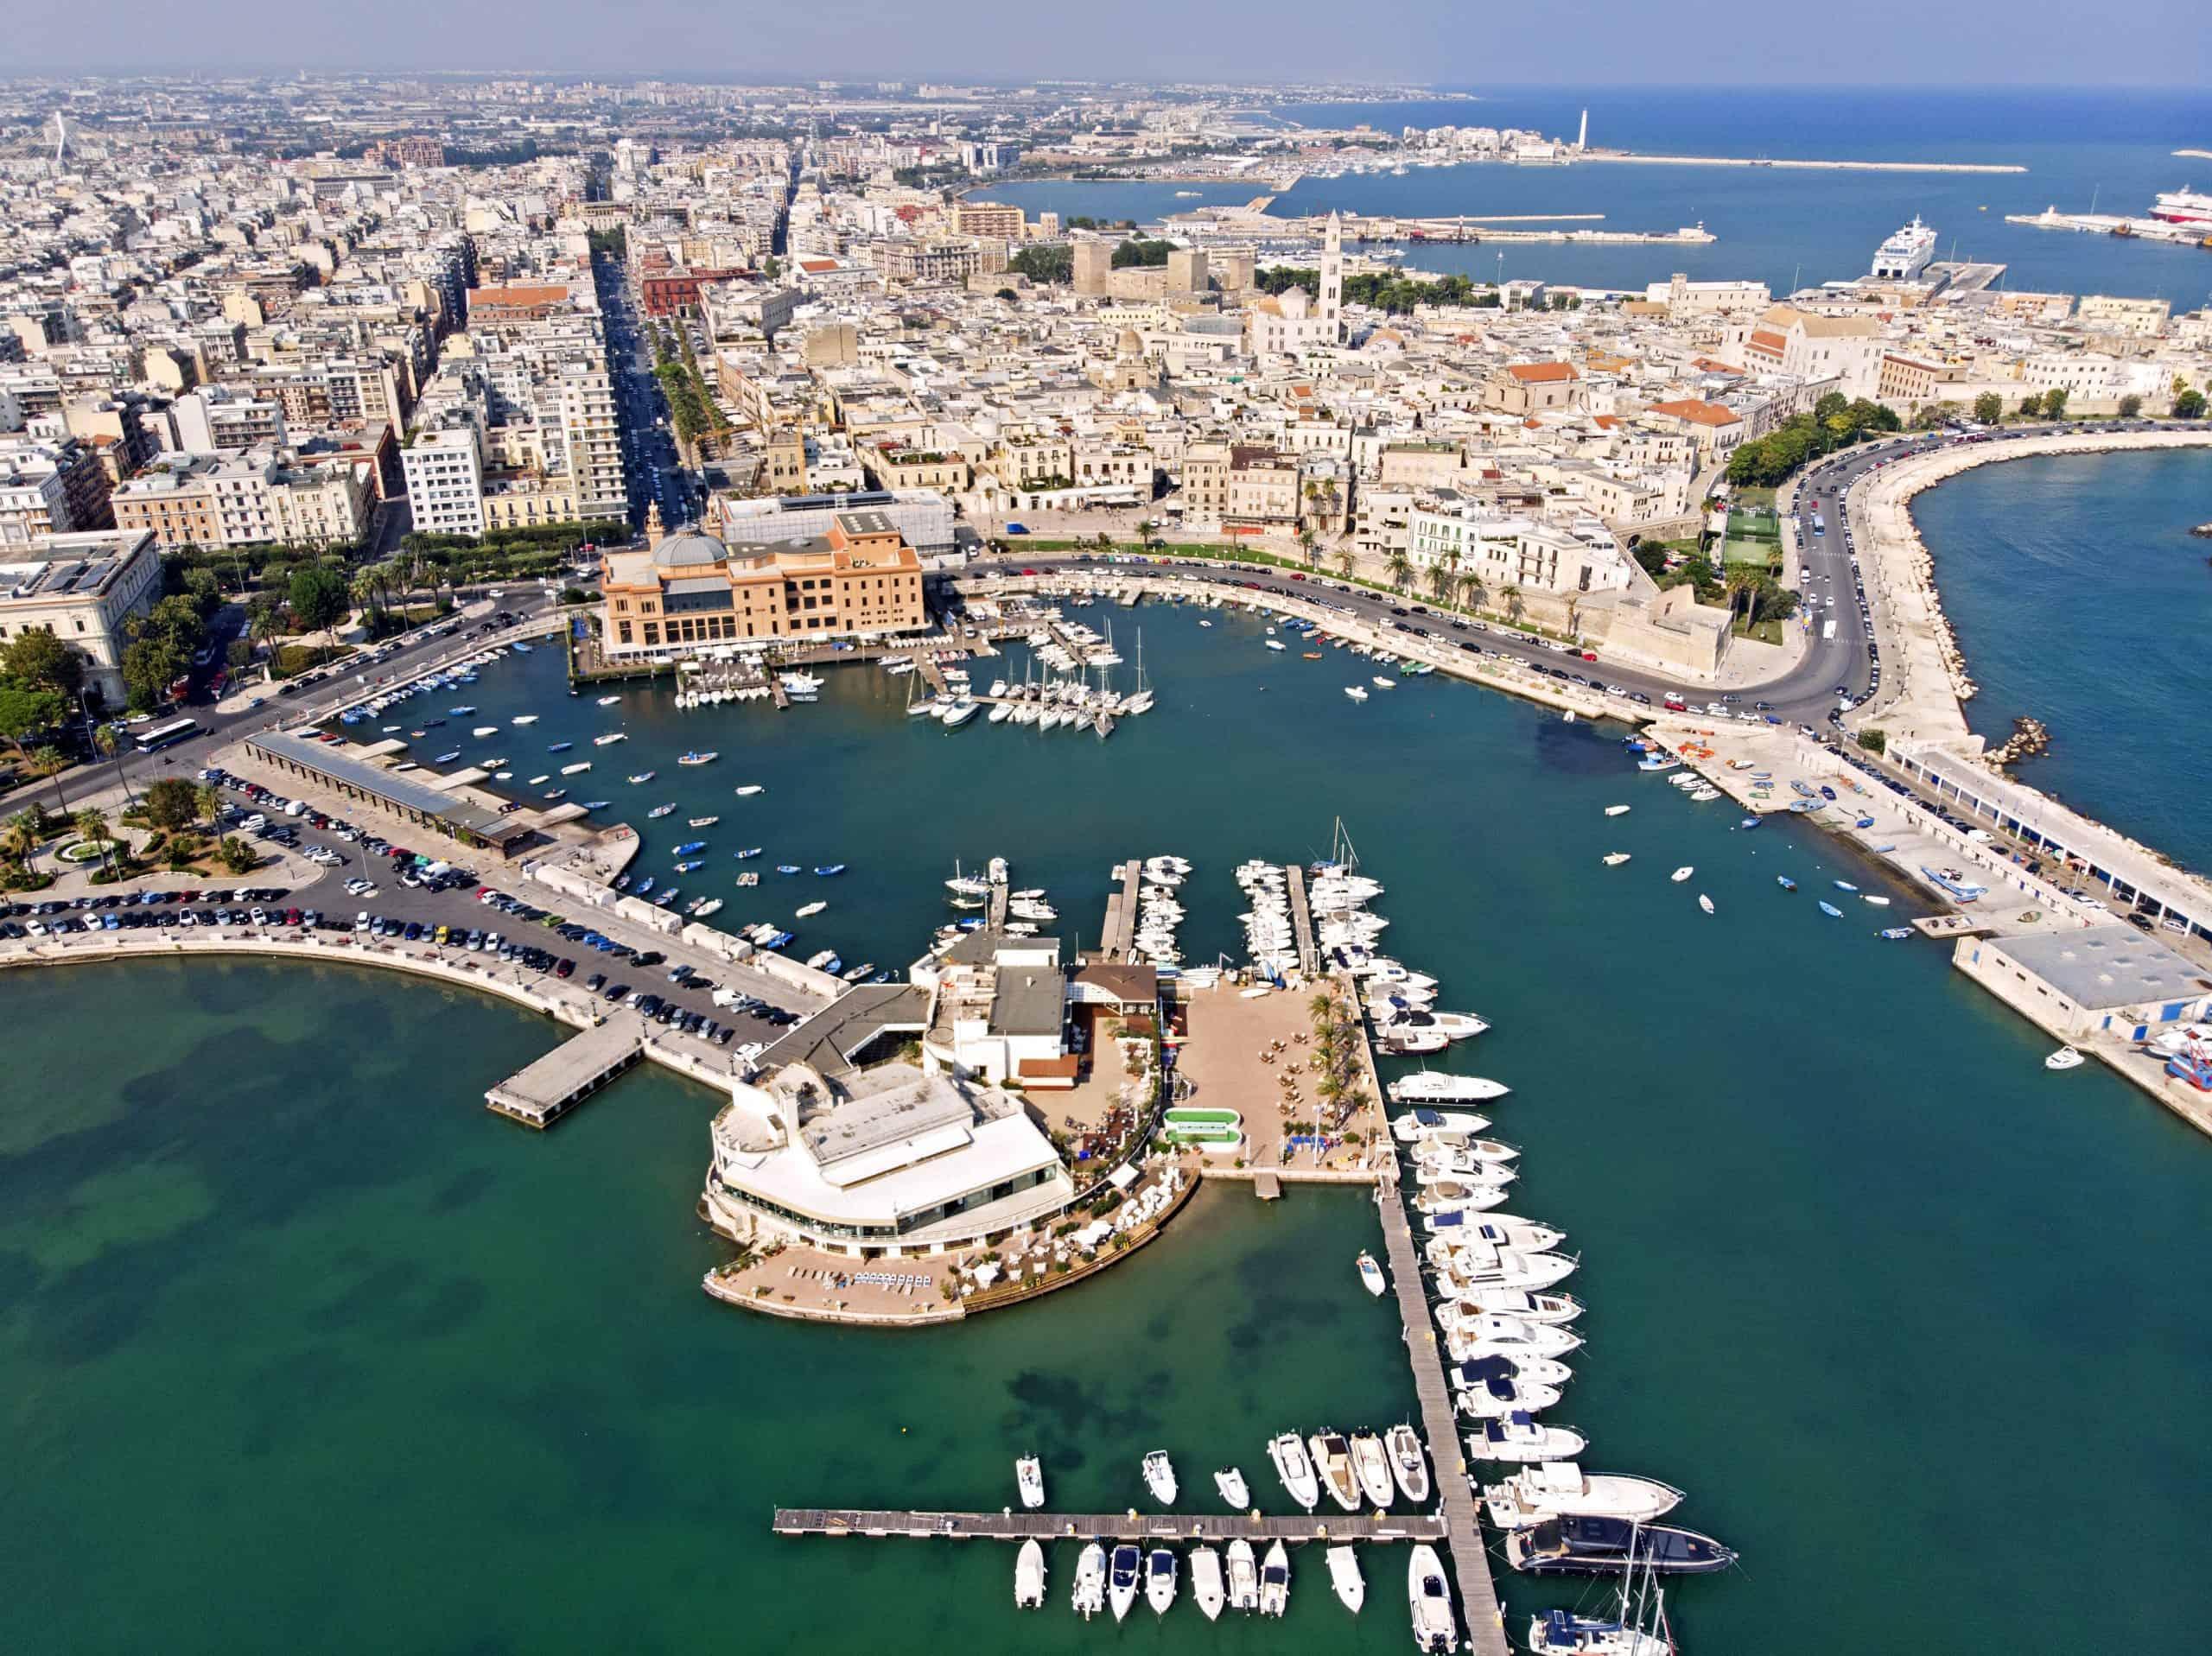 Bari aerial view